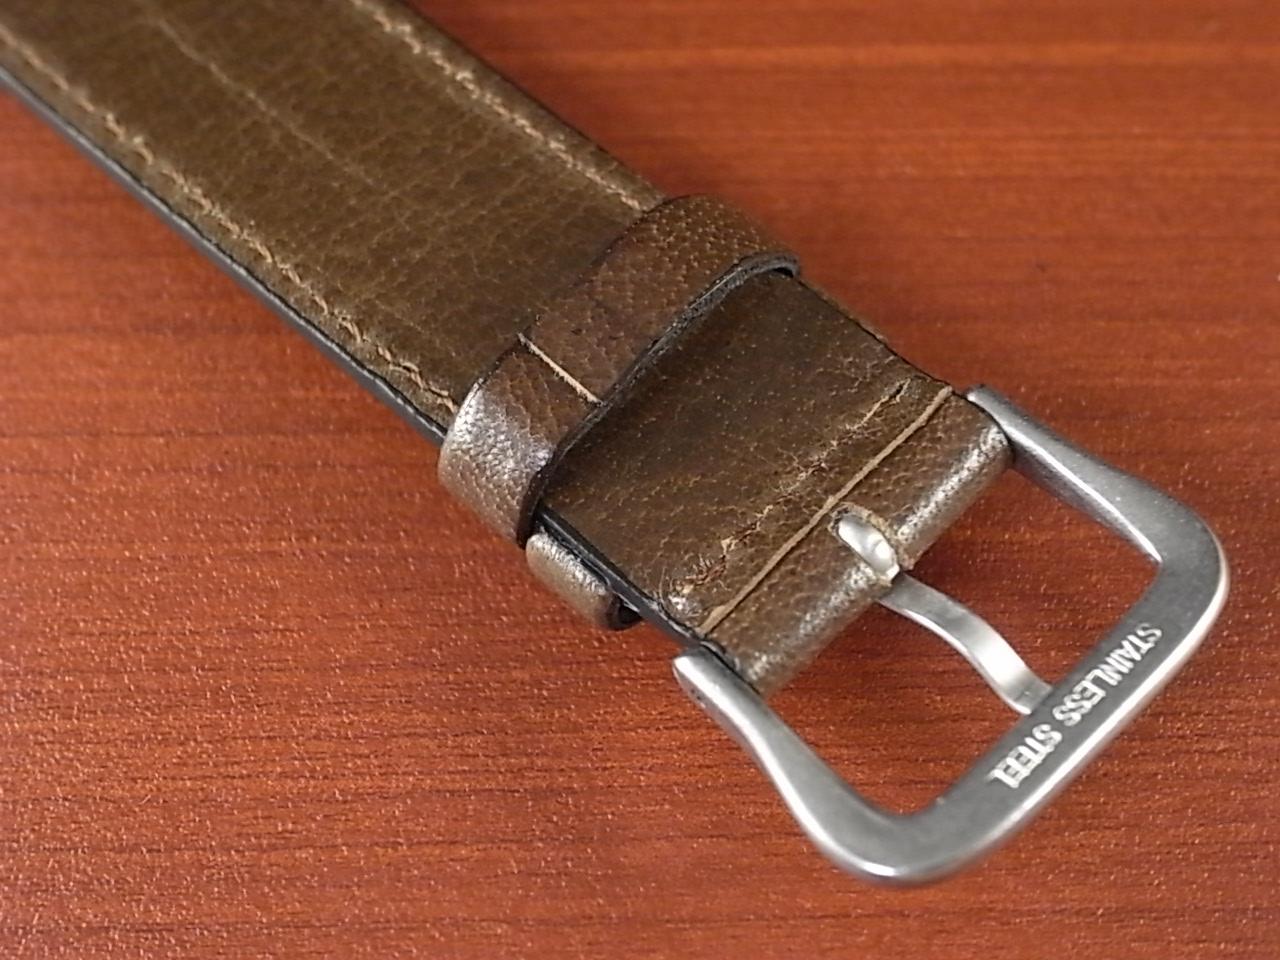 バッファロー 革ベルト グレイッシュブラウン 16mm オリジナル CBB-001aの写真4枚目